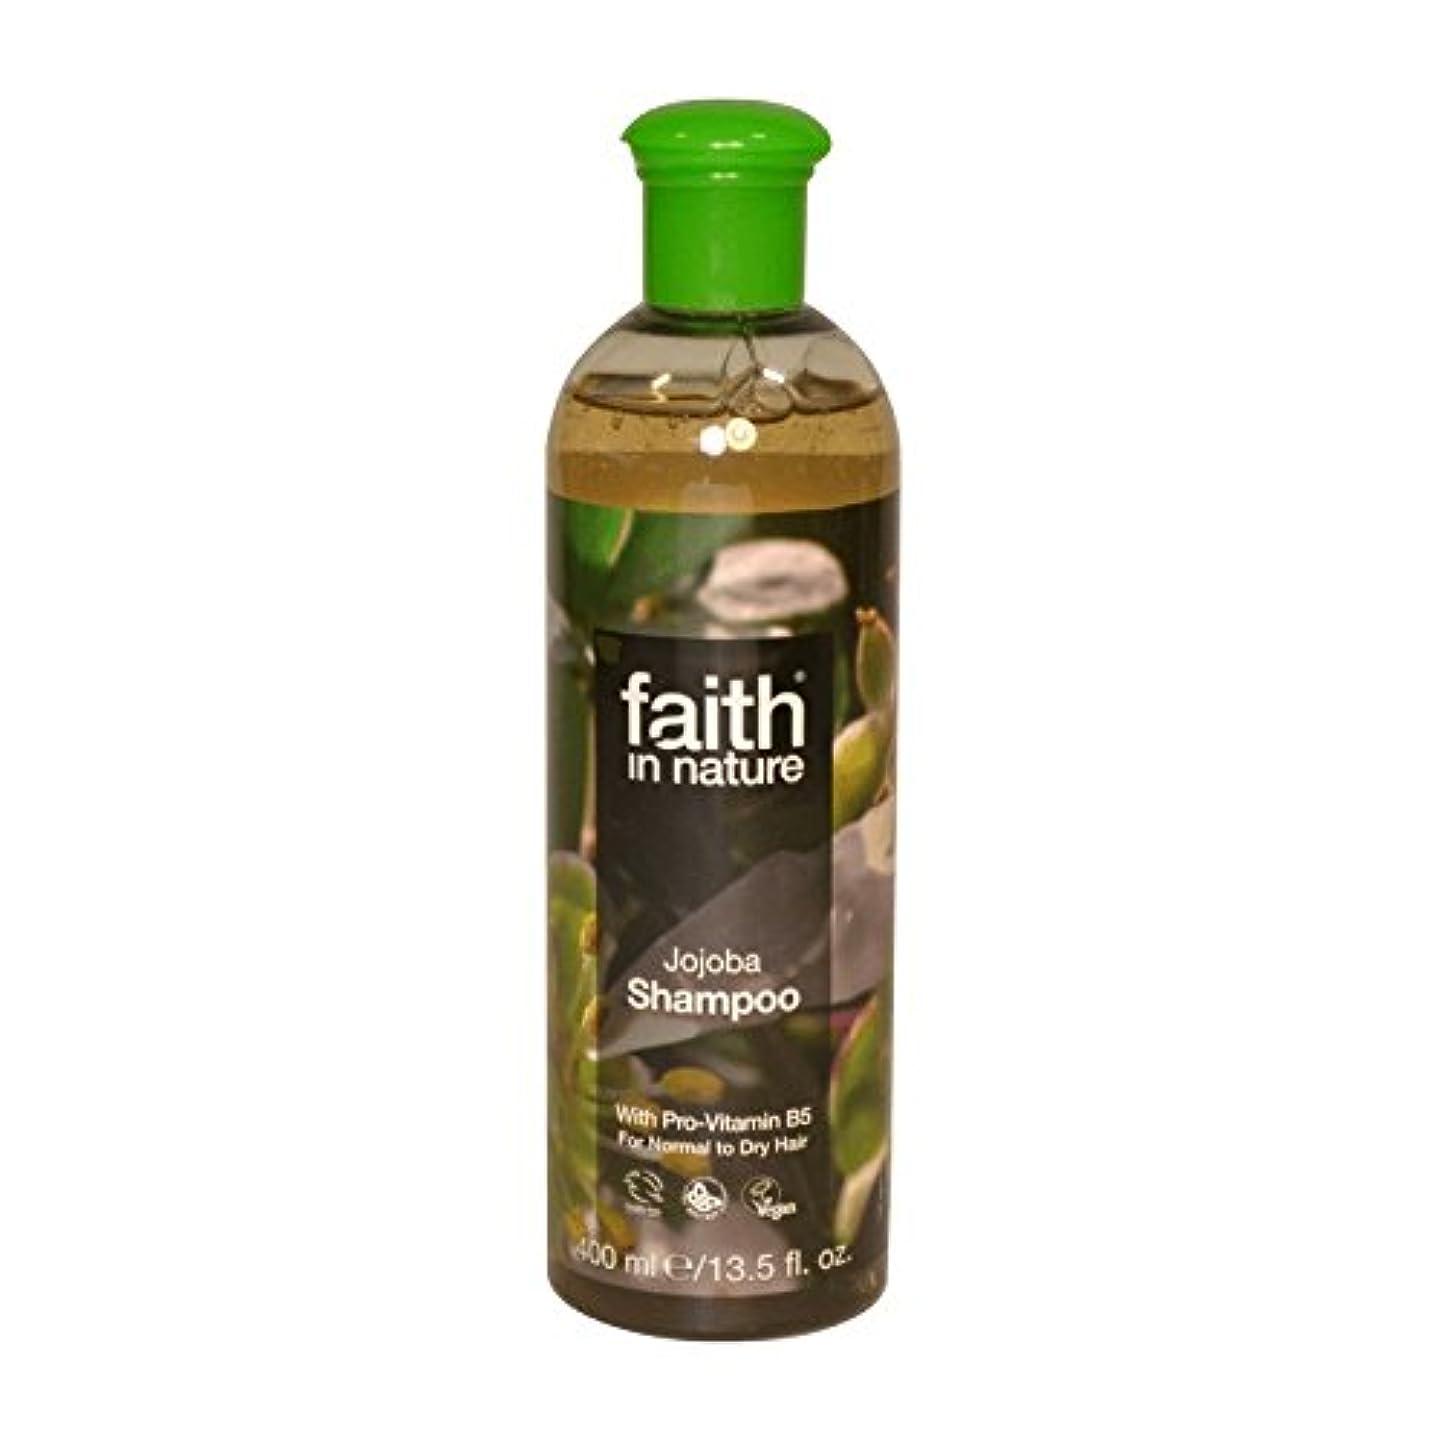 無織機改善する自然ホホバシャンプー400ミリリットルの信仰 - Faith in Nature Jojoba Shampoo 400ml (Faith in Nature) [並行輸入品]